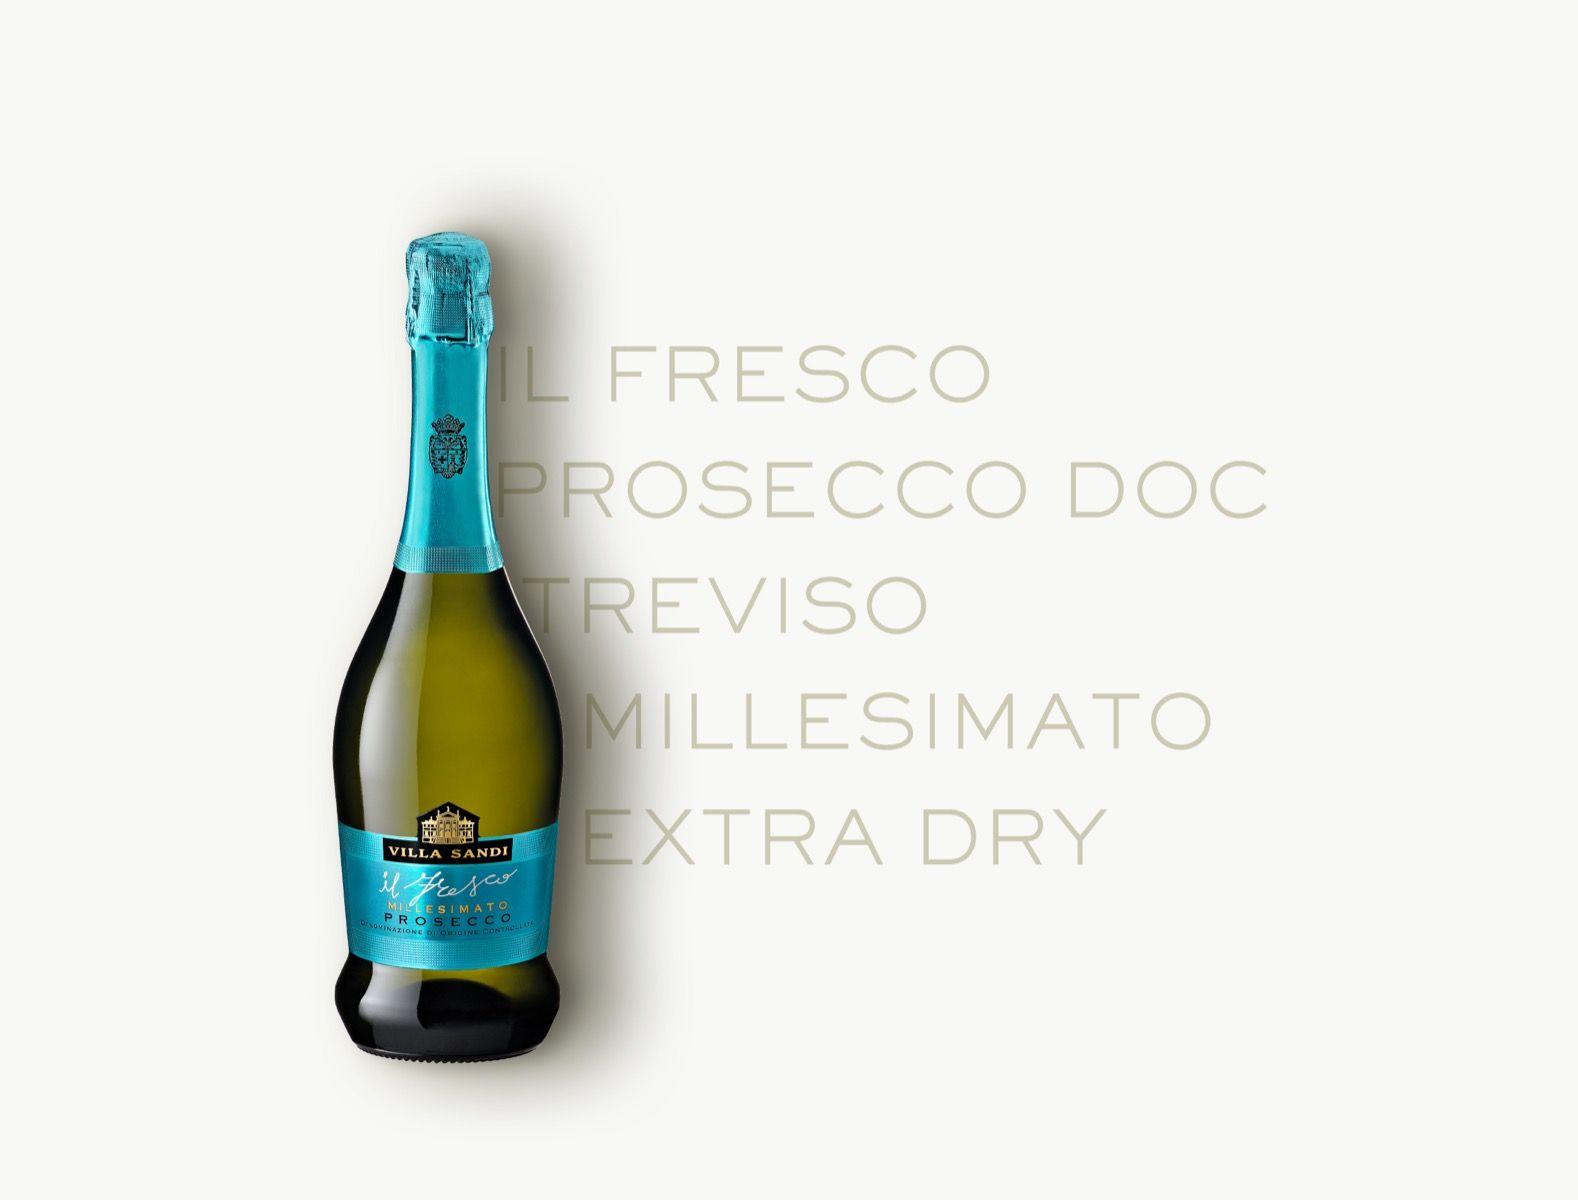 Il Fresco Prosecco DOC Treviso Millesimato Extra Dry